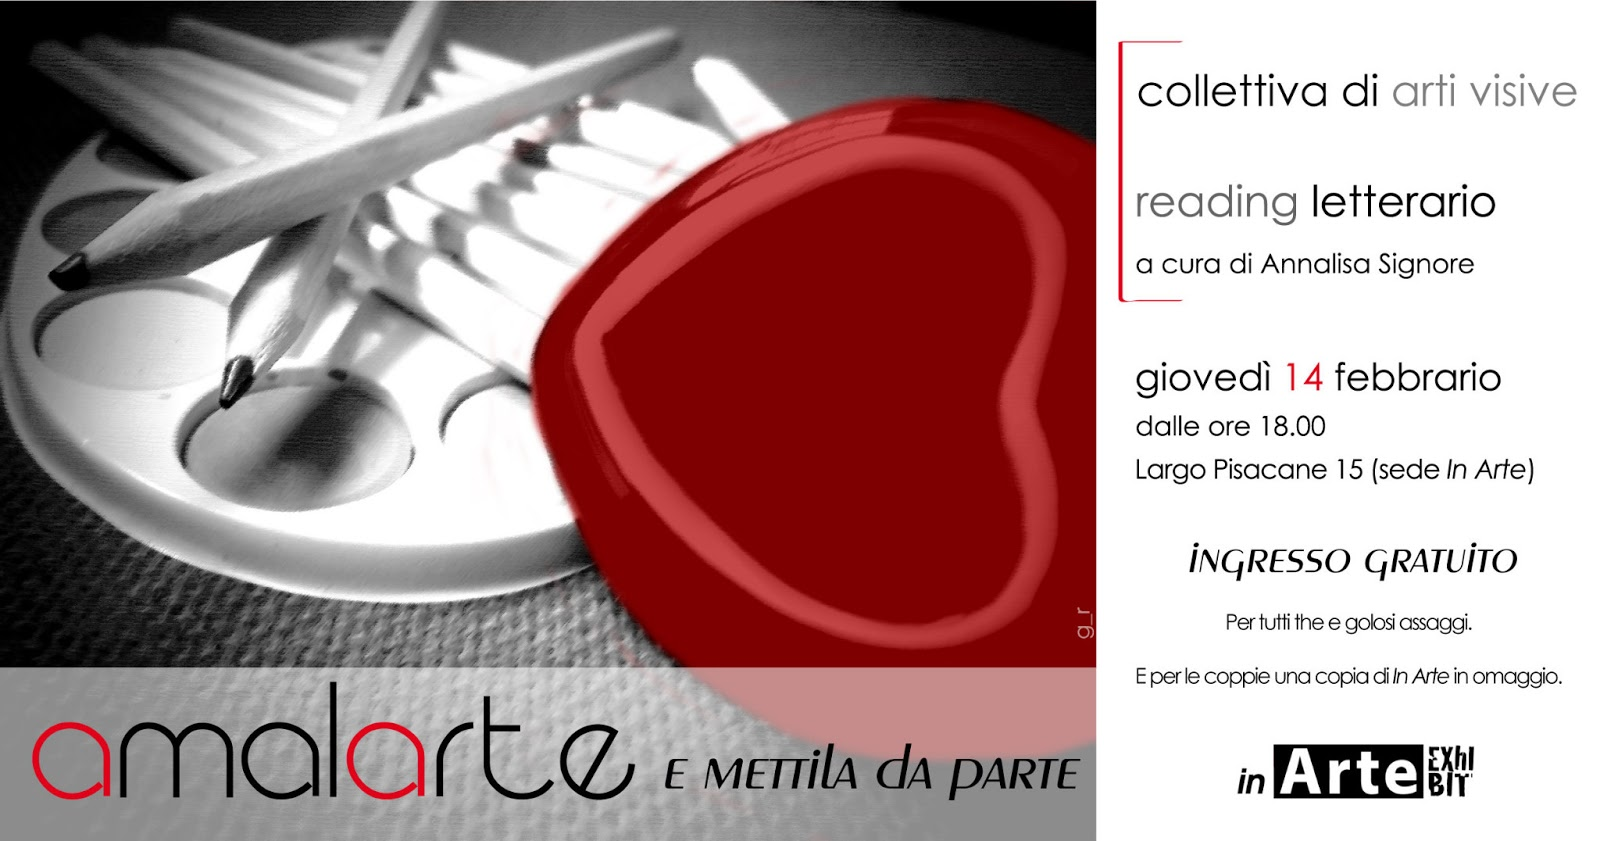 http://inarte-blog.blogspot.it/2013/02/amalarte-e-mettila-da-parte.html